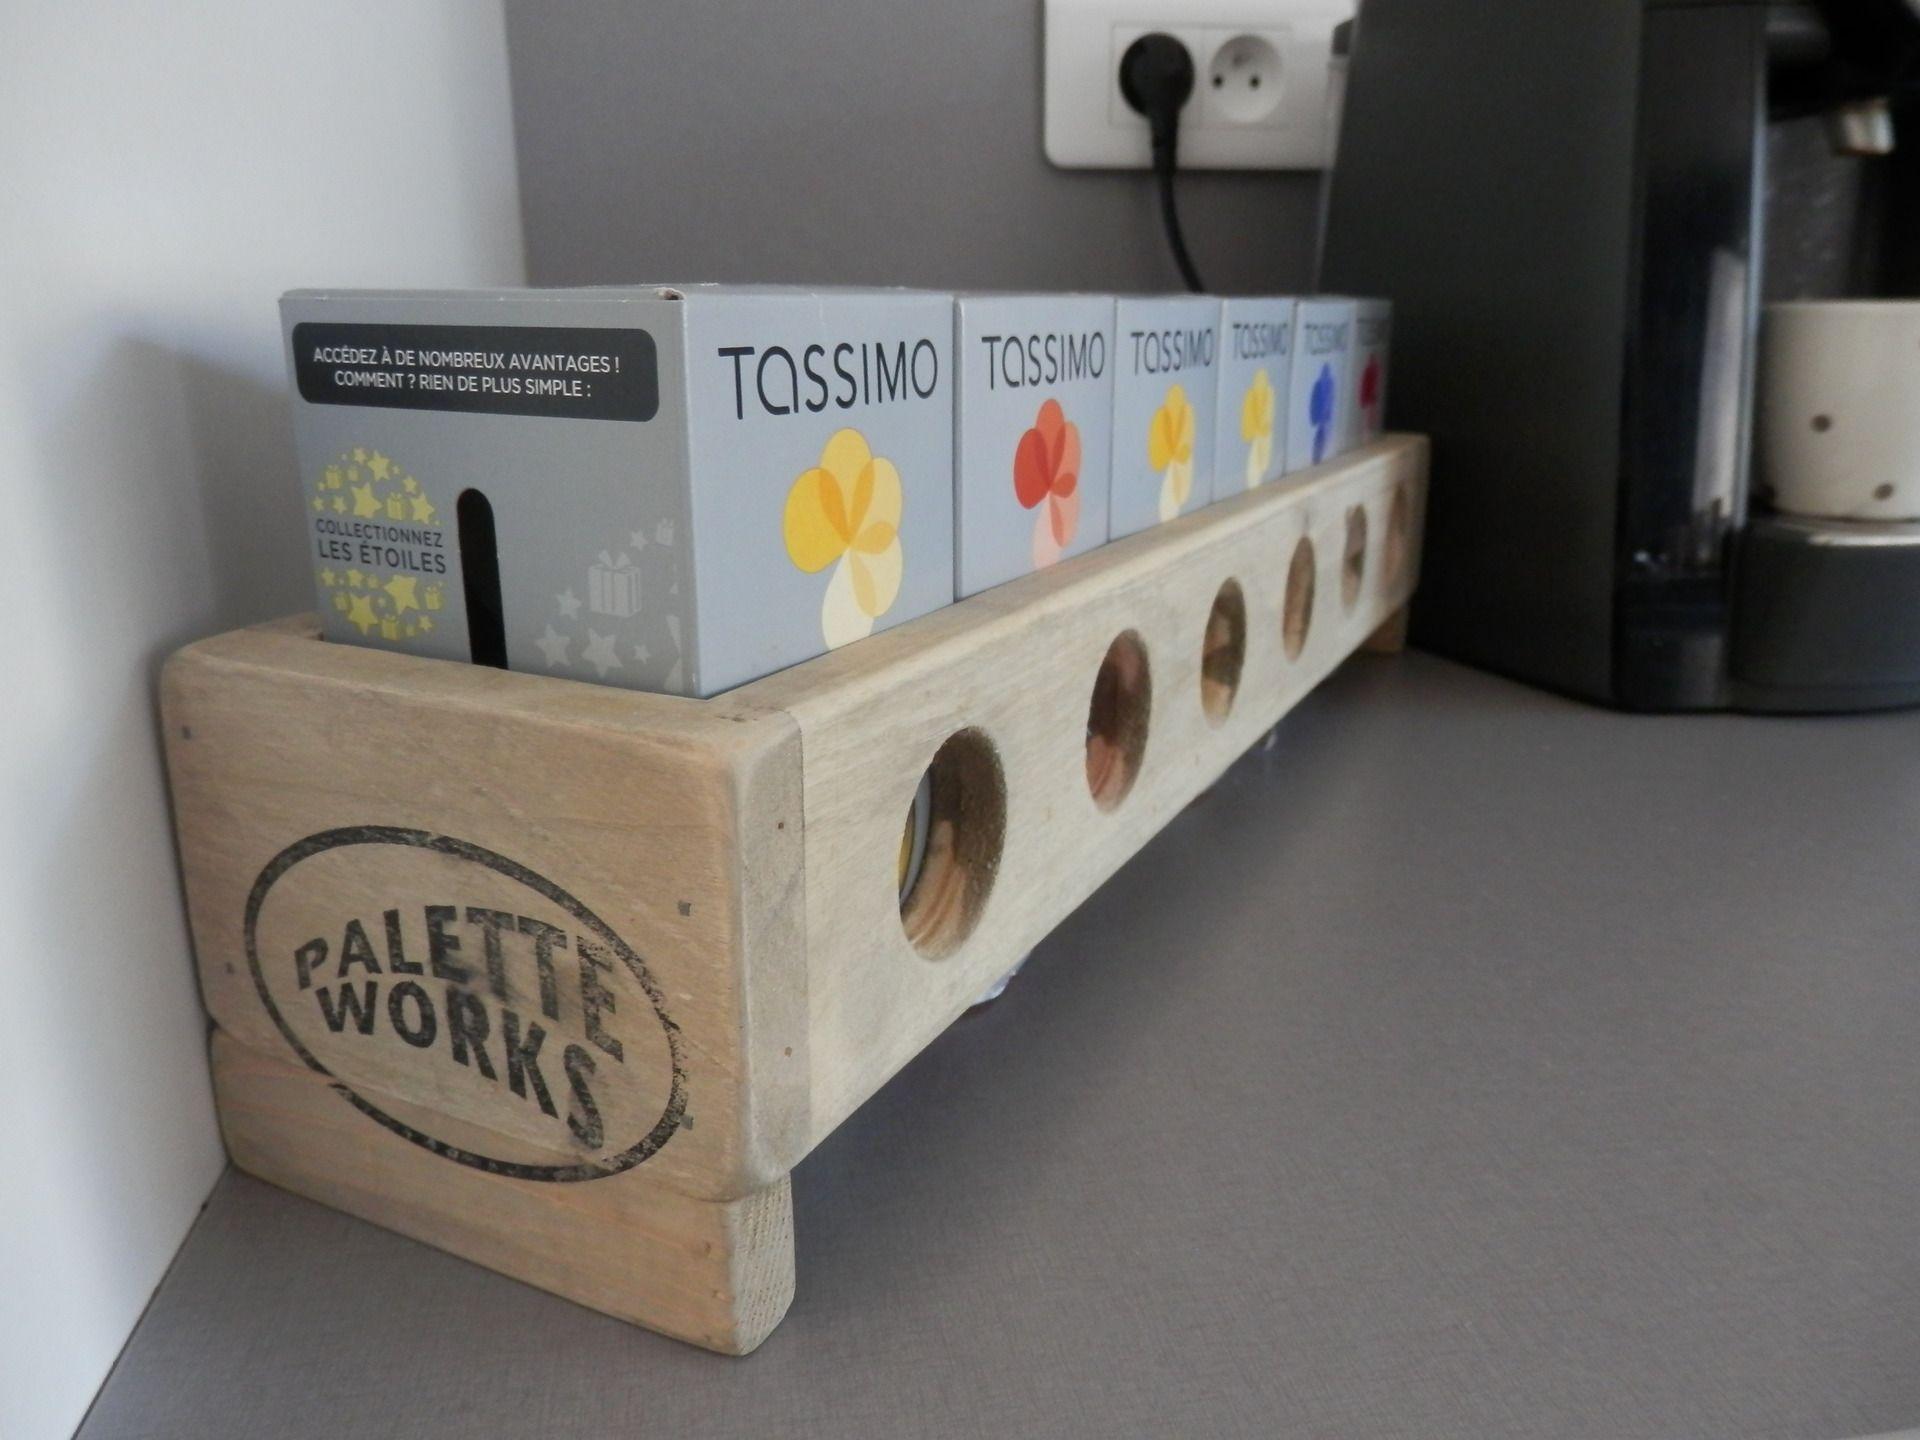 Distributeur De Capsules A Cafe Tassimo By Paletteworks Cuisine Et Service De Table Par Paletteworks Service De Table Astuce Rangement Mobilier De Salon